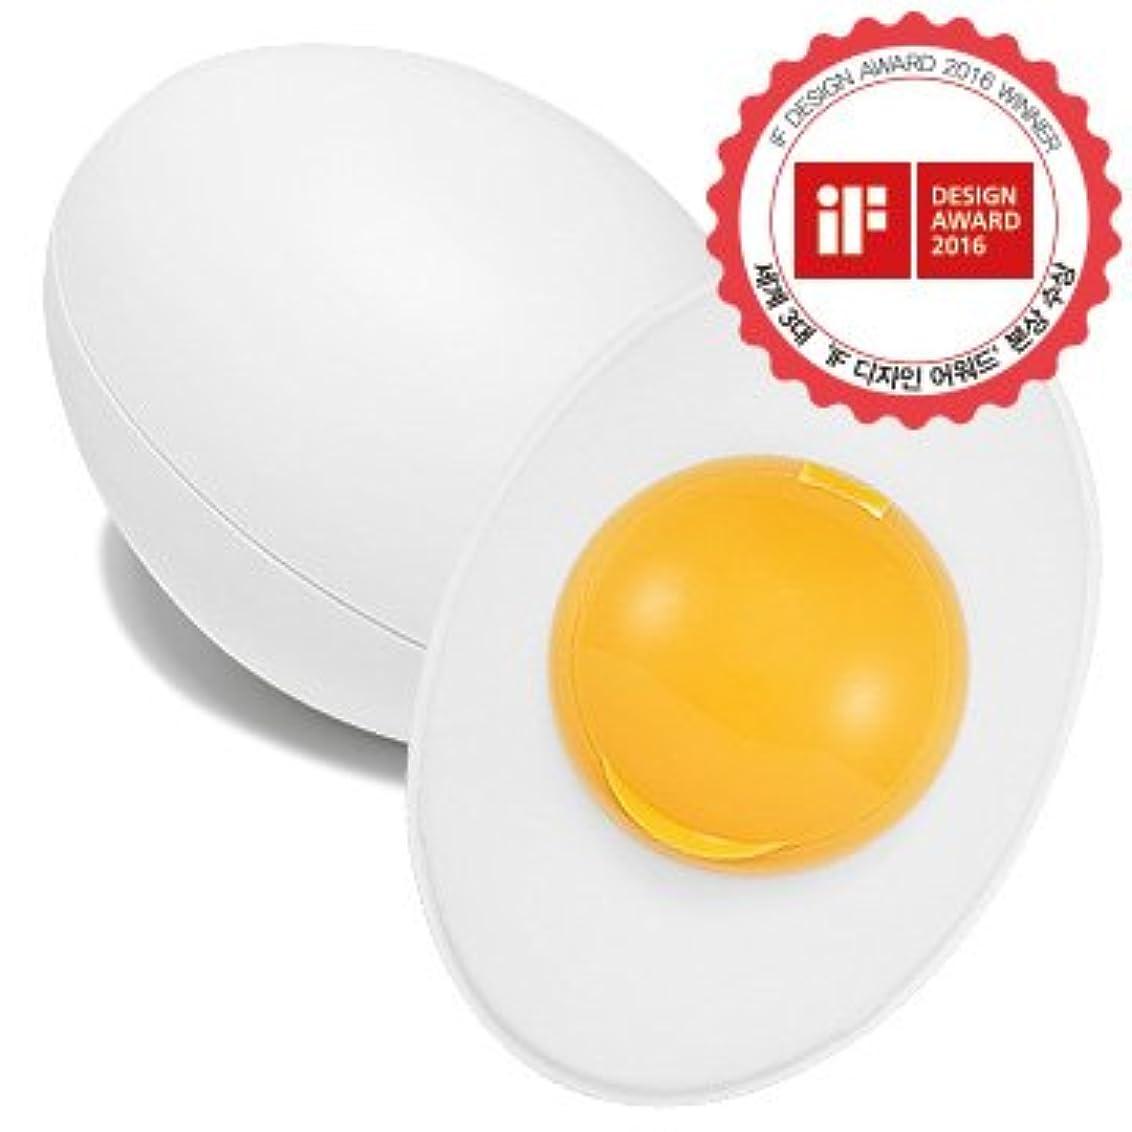 最大限効能空中【2個セット] HolikaHolika ツルツルエッグスキンピーリングジェル 140ml / Smooth Egg Peeling Gel 140ml [並行輸入品]